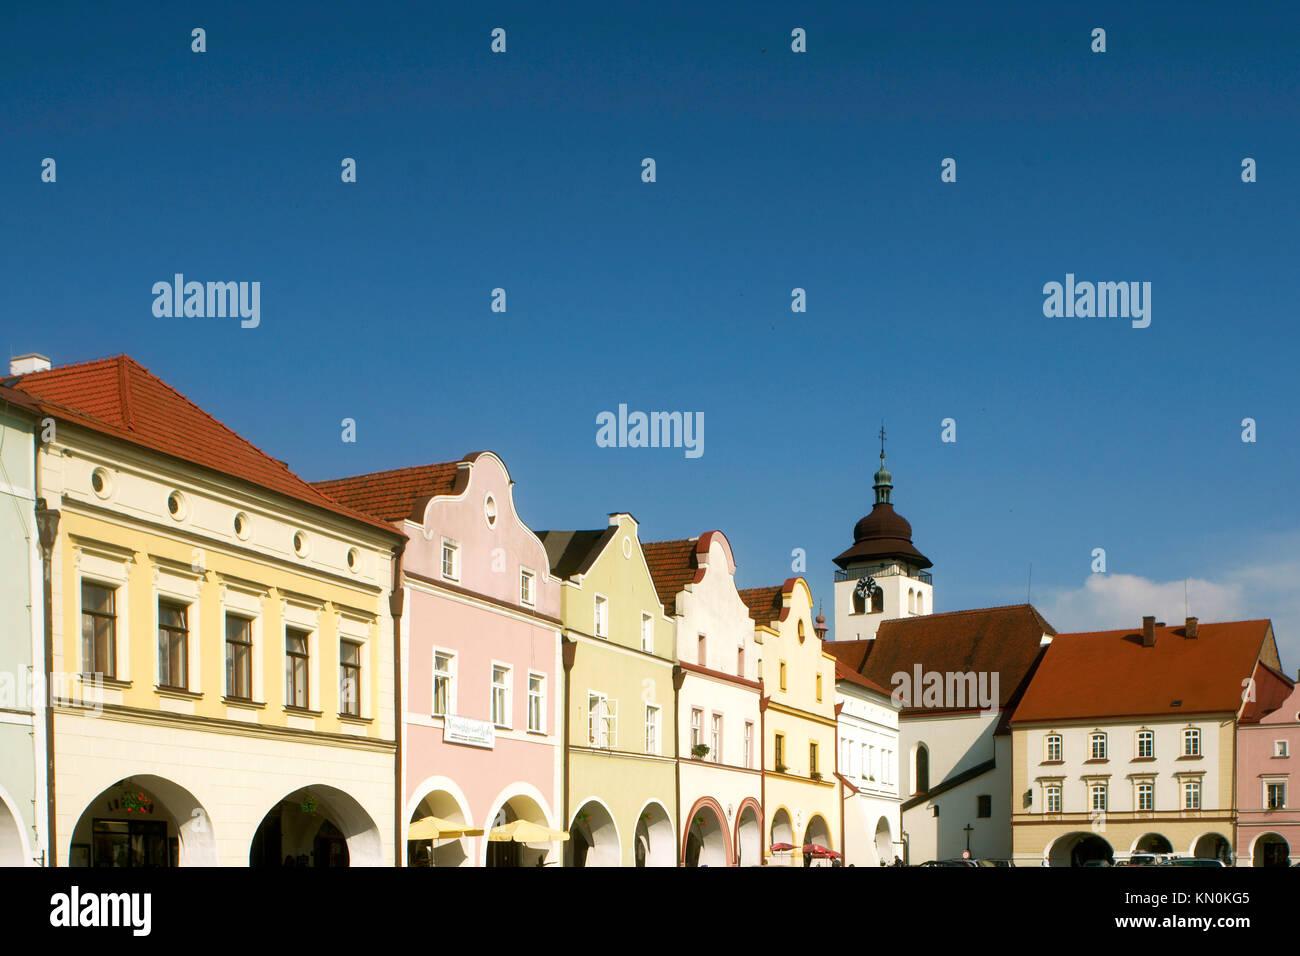 Tschechien, Ostböhmen, Nove Mesto nad Metuji: Häuser am Hauptplatz von Nove Mesto. Stock Photo